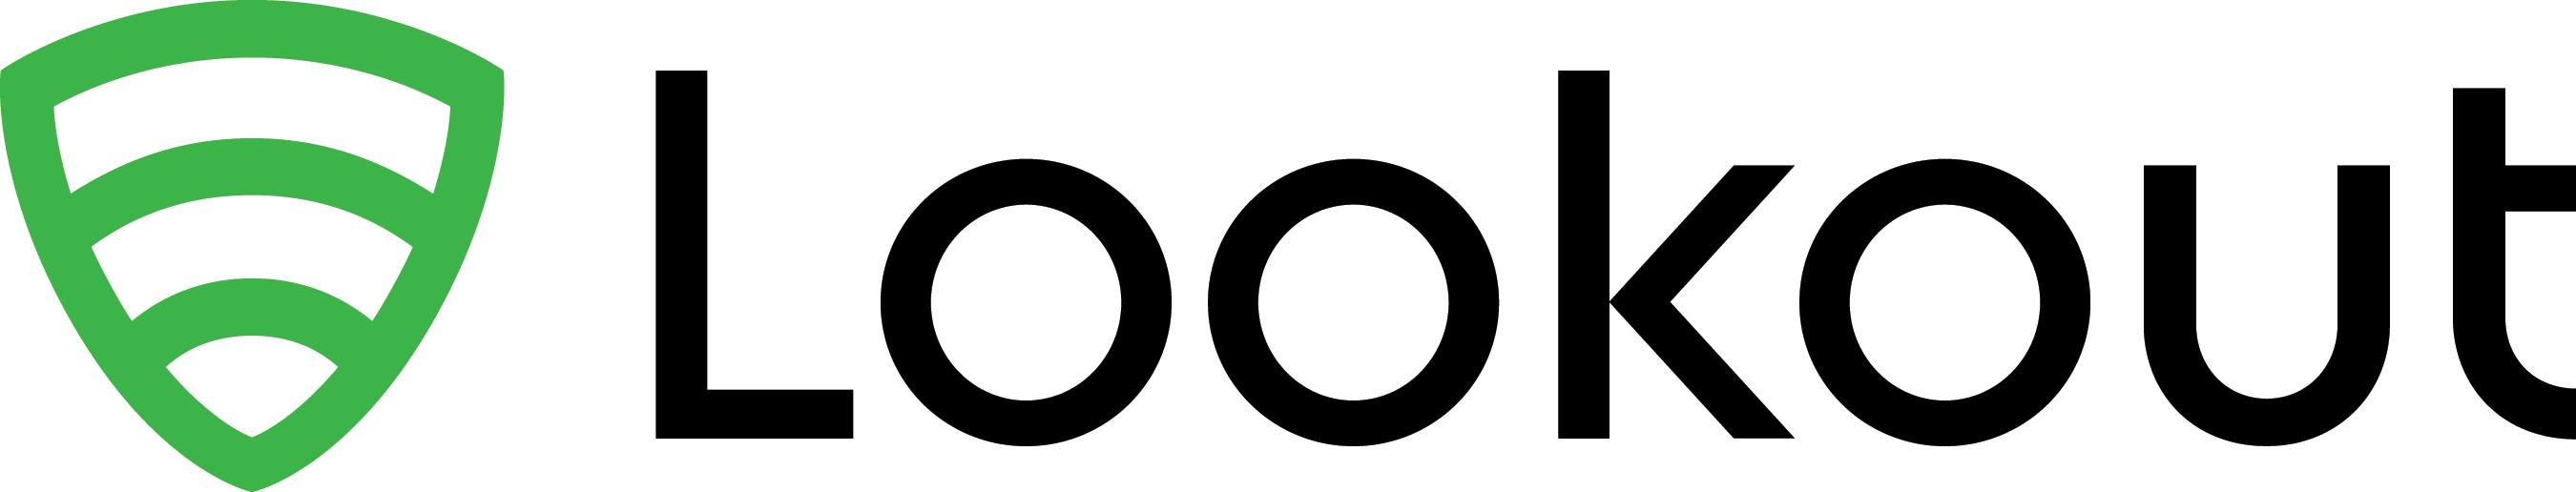 Samsung Lookout'u kurumsal mobil güvenlik yazılımı Knox ile birlikte sunacak